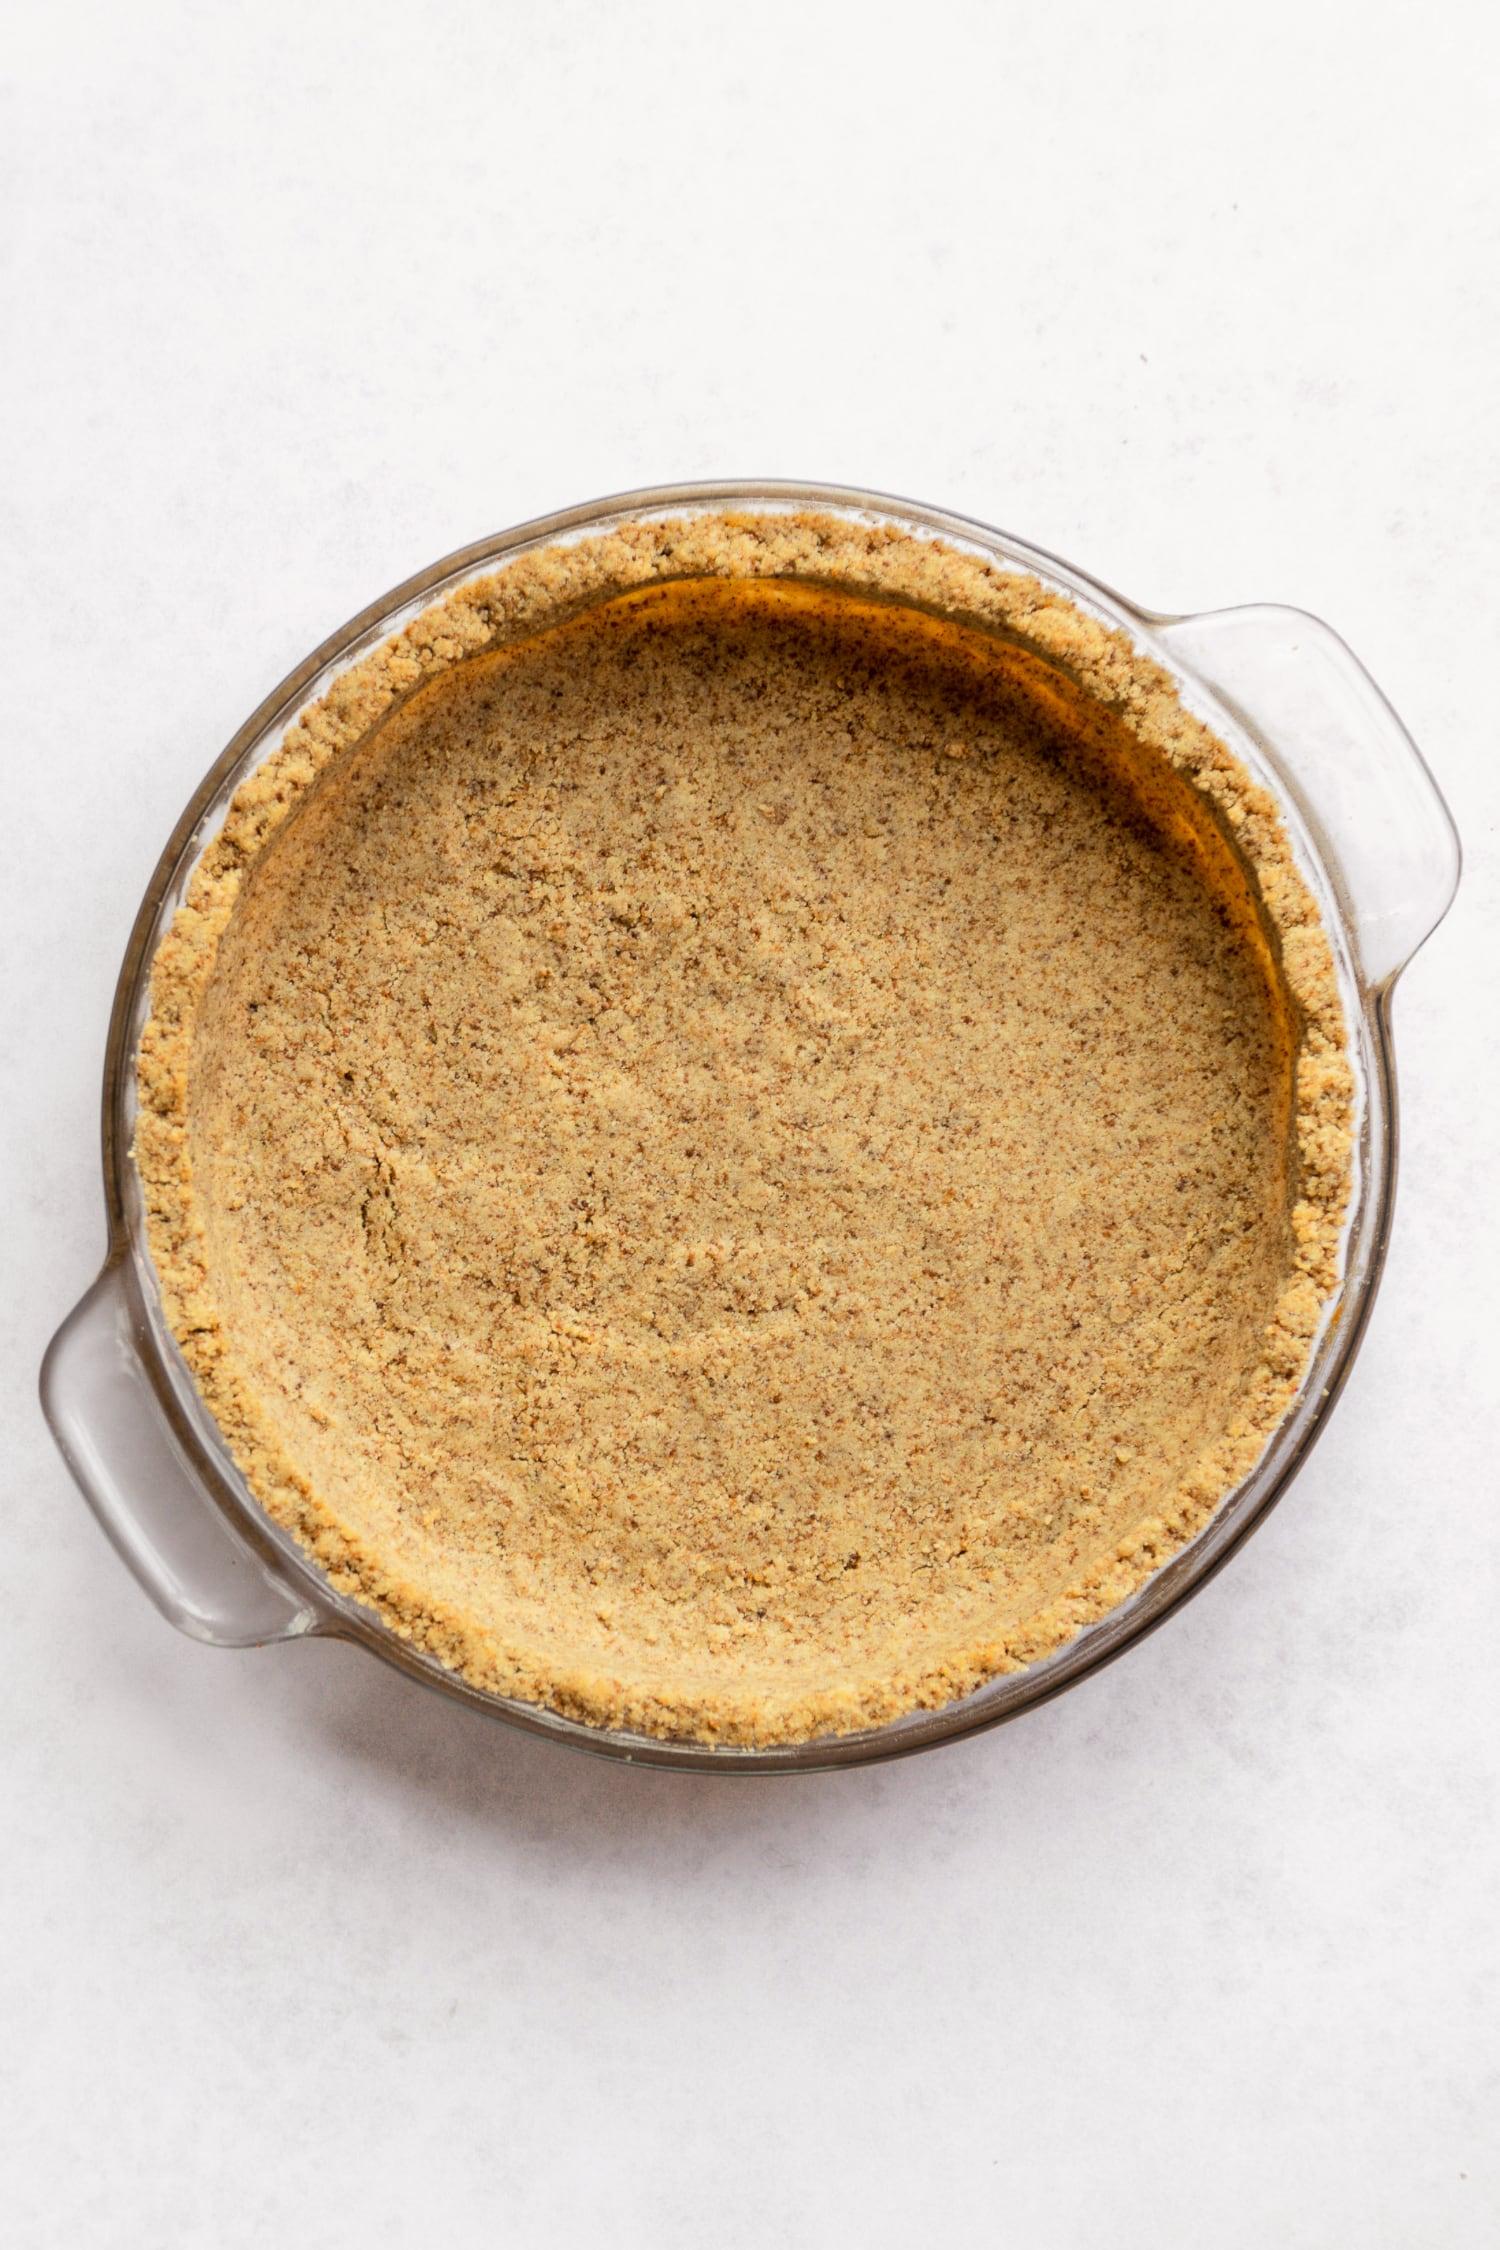 gluten free key lime pie crust in a pan